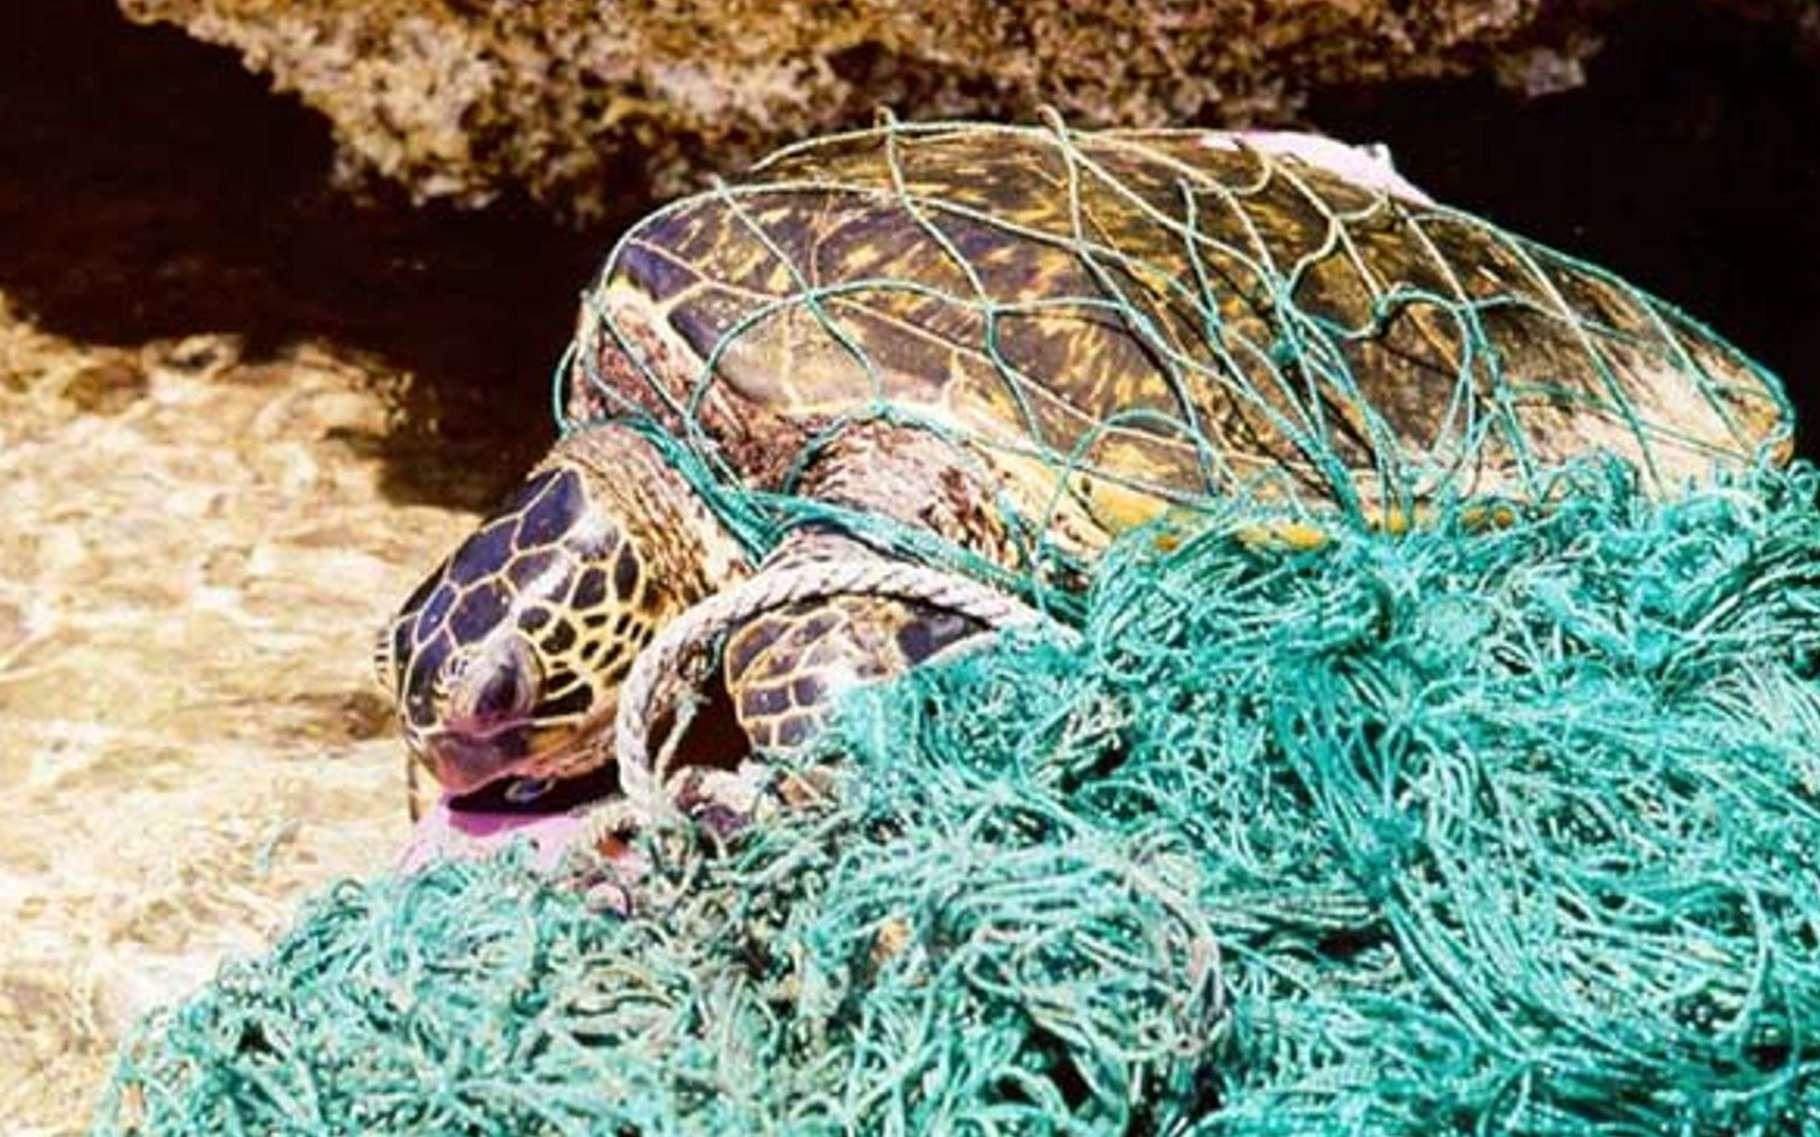 Exemple de déchets présents dans les mers : un filet fantôme. Perdu ou jeté par des pêcheurs, il continue d'emprisonner des animaux marins. © Wikimedia Commons, DP